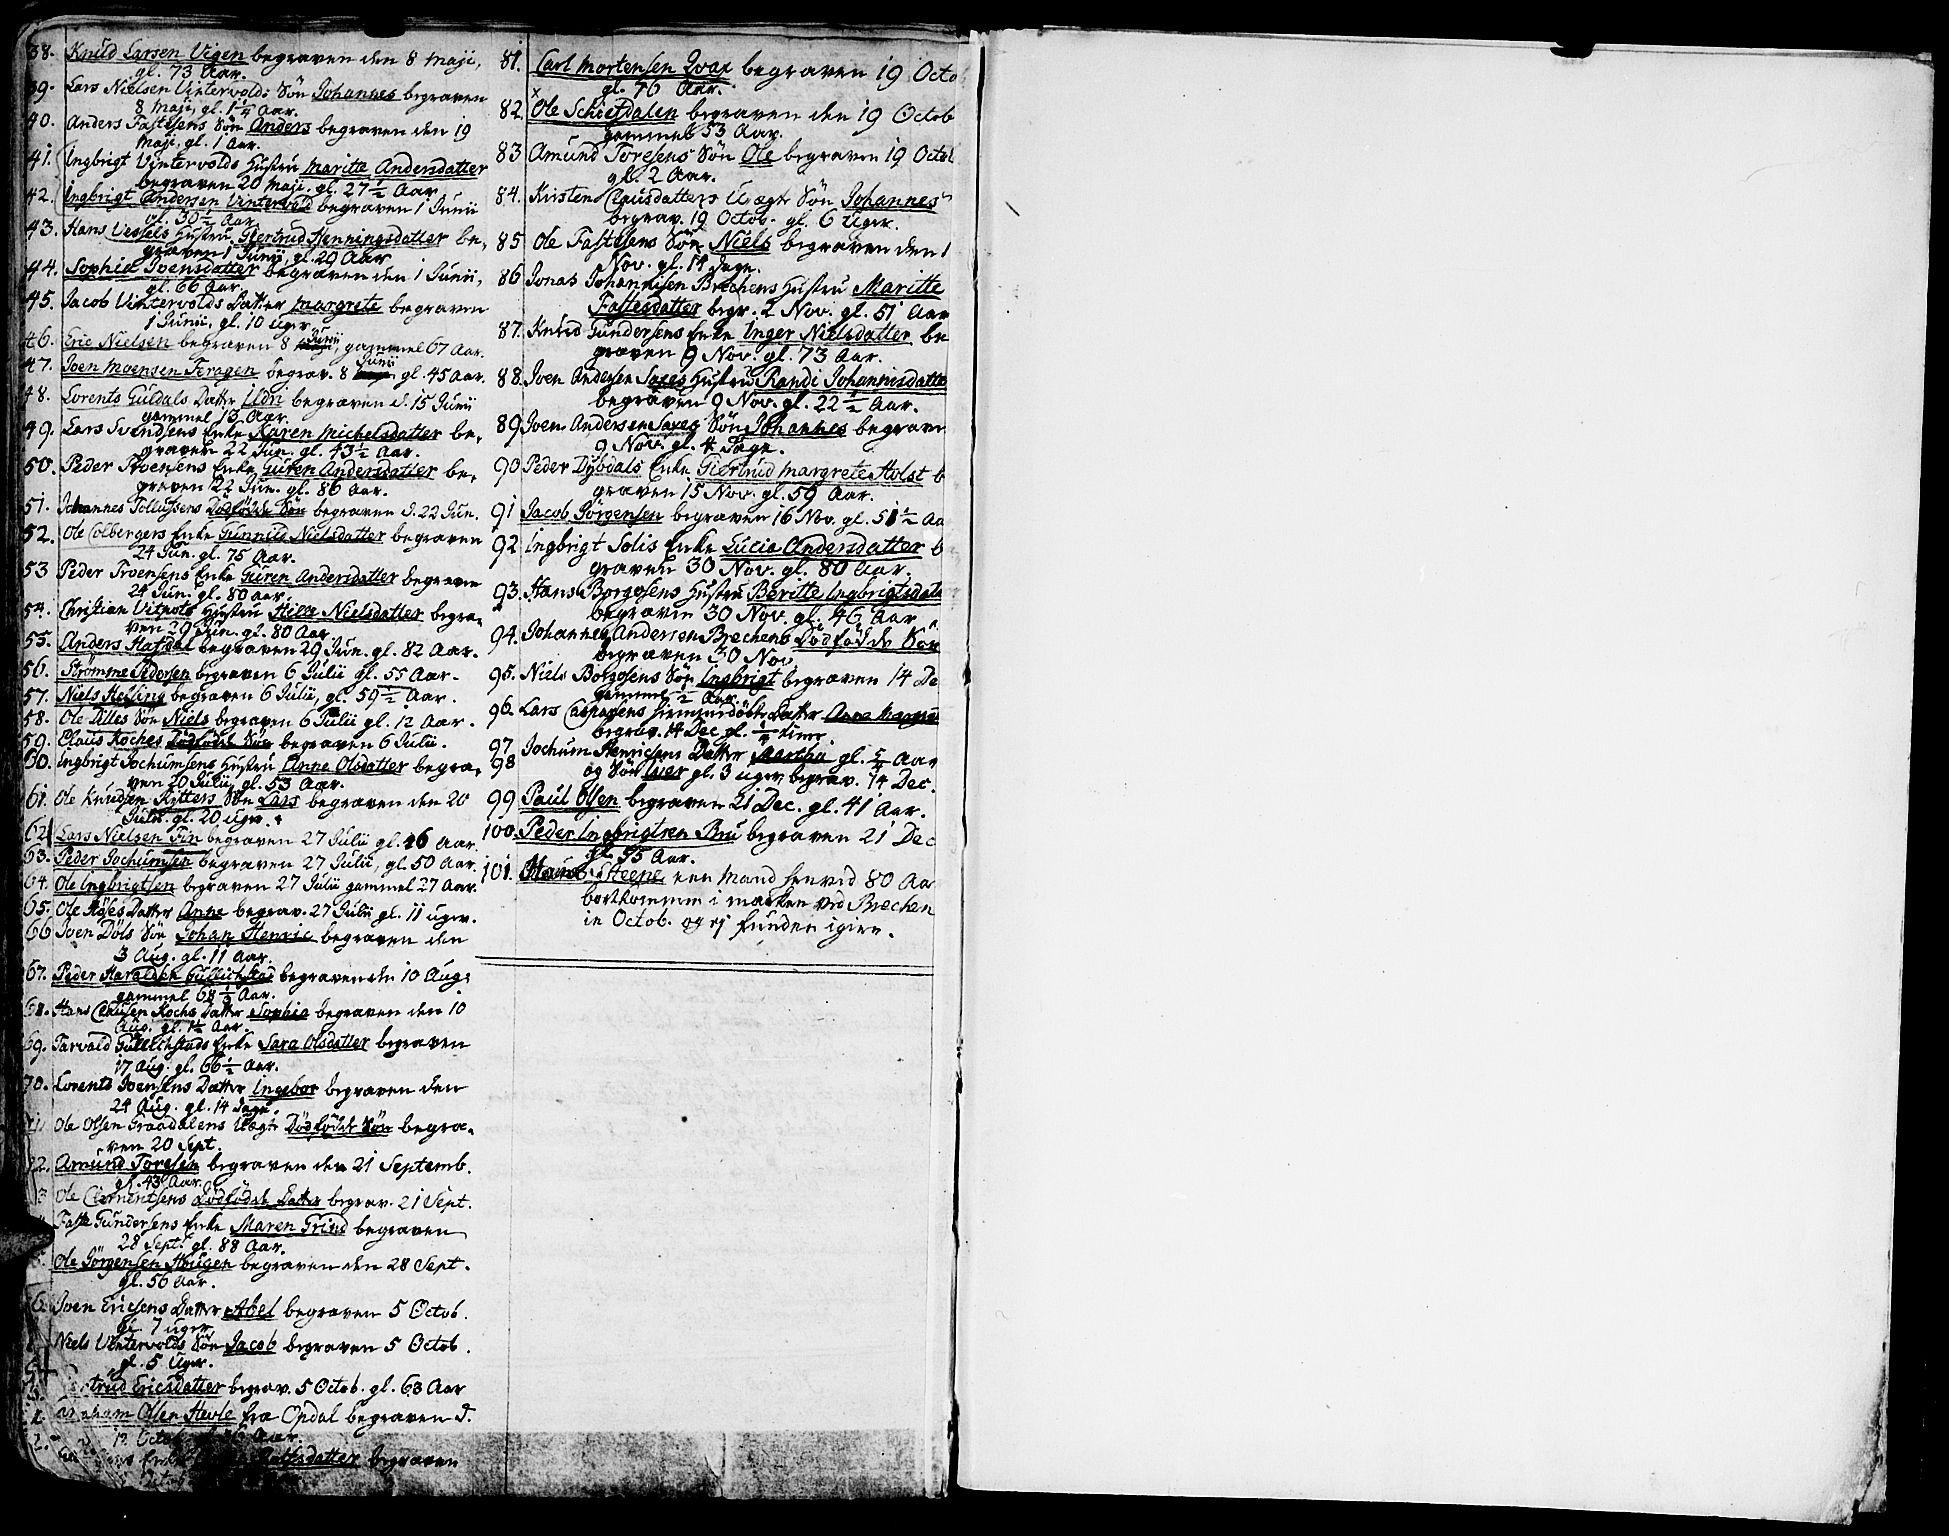 SAT, Ministerialprotokoller, klokkerbøker og fødselsregistre - Sør-Trøndelag, 681/L0925: Ministerialbok nr. 681A03, 1727-1766, s. 138